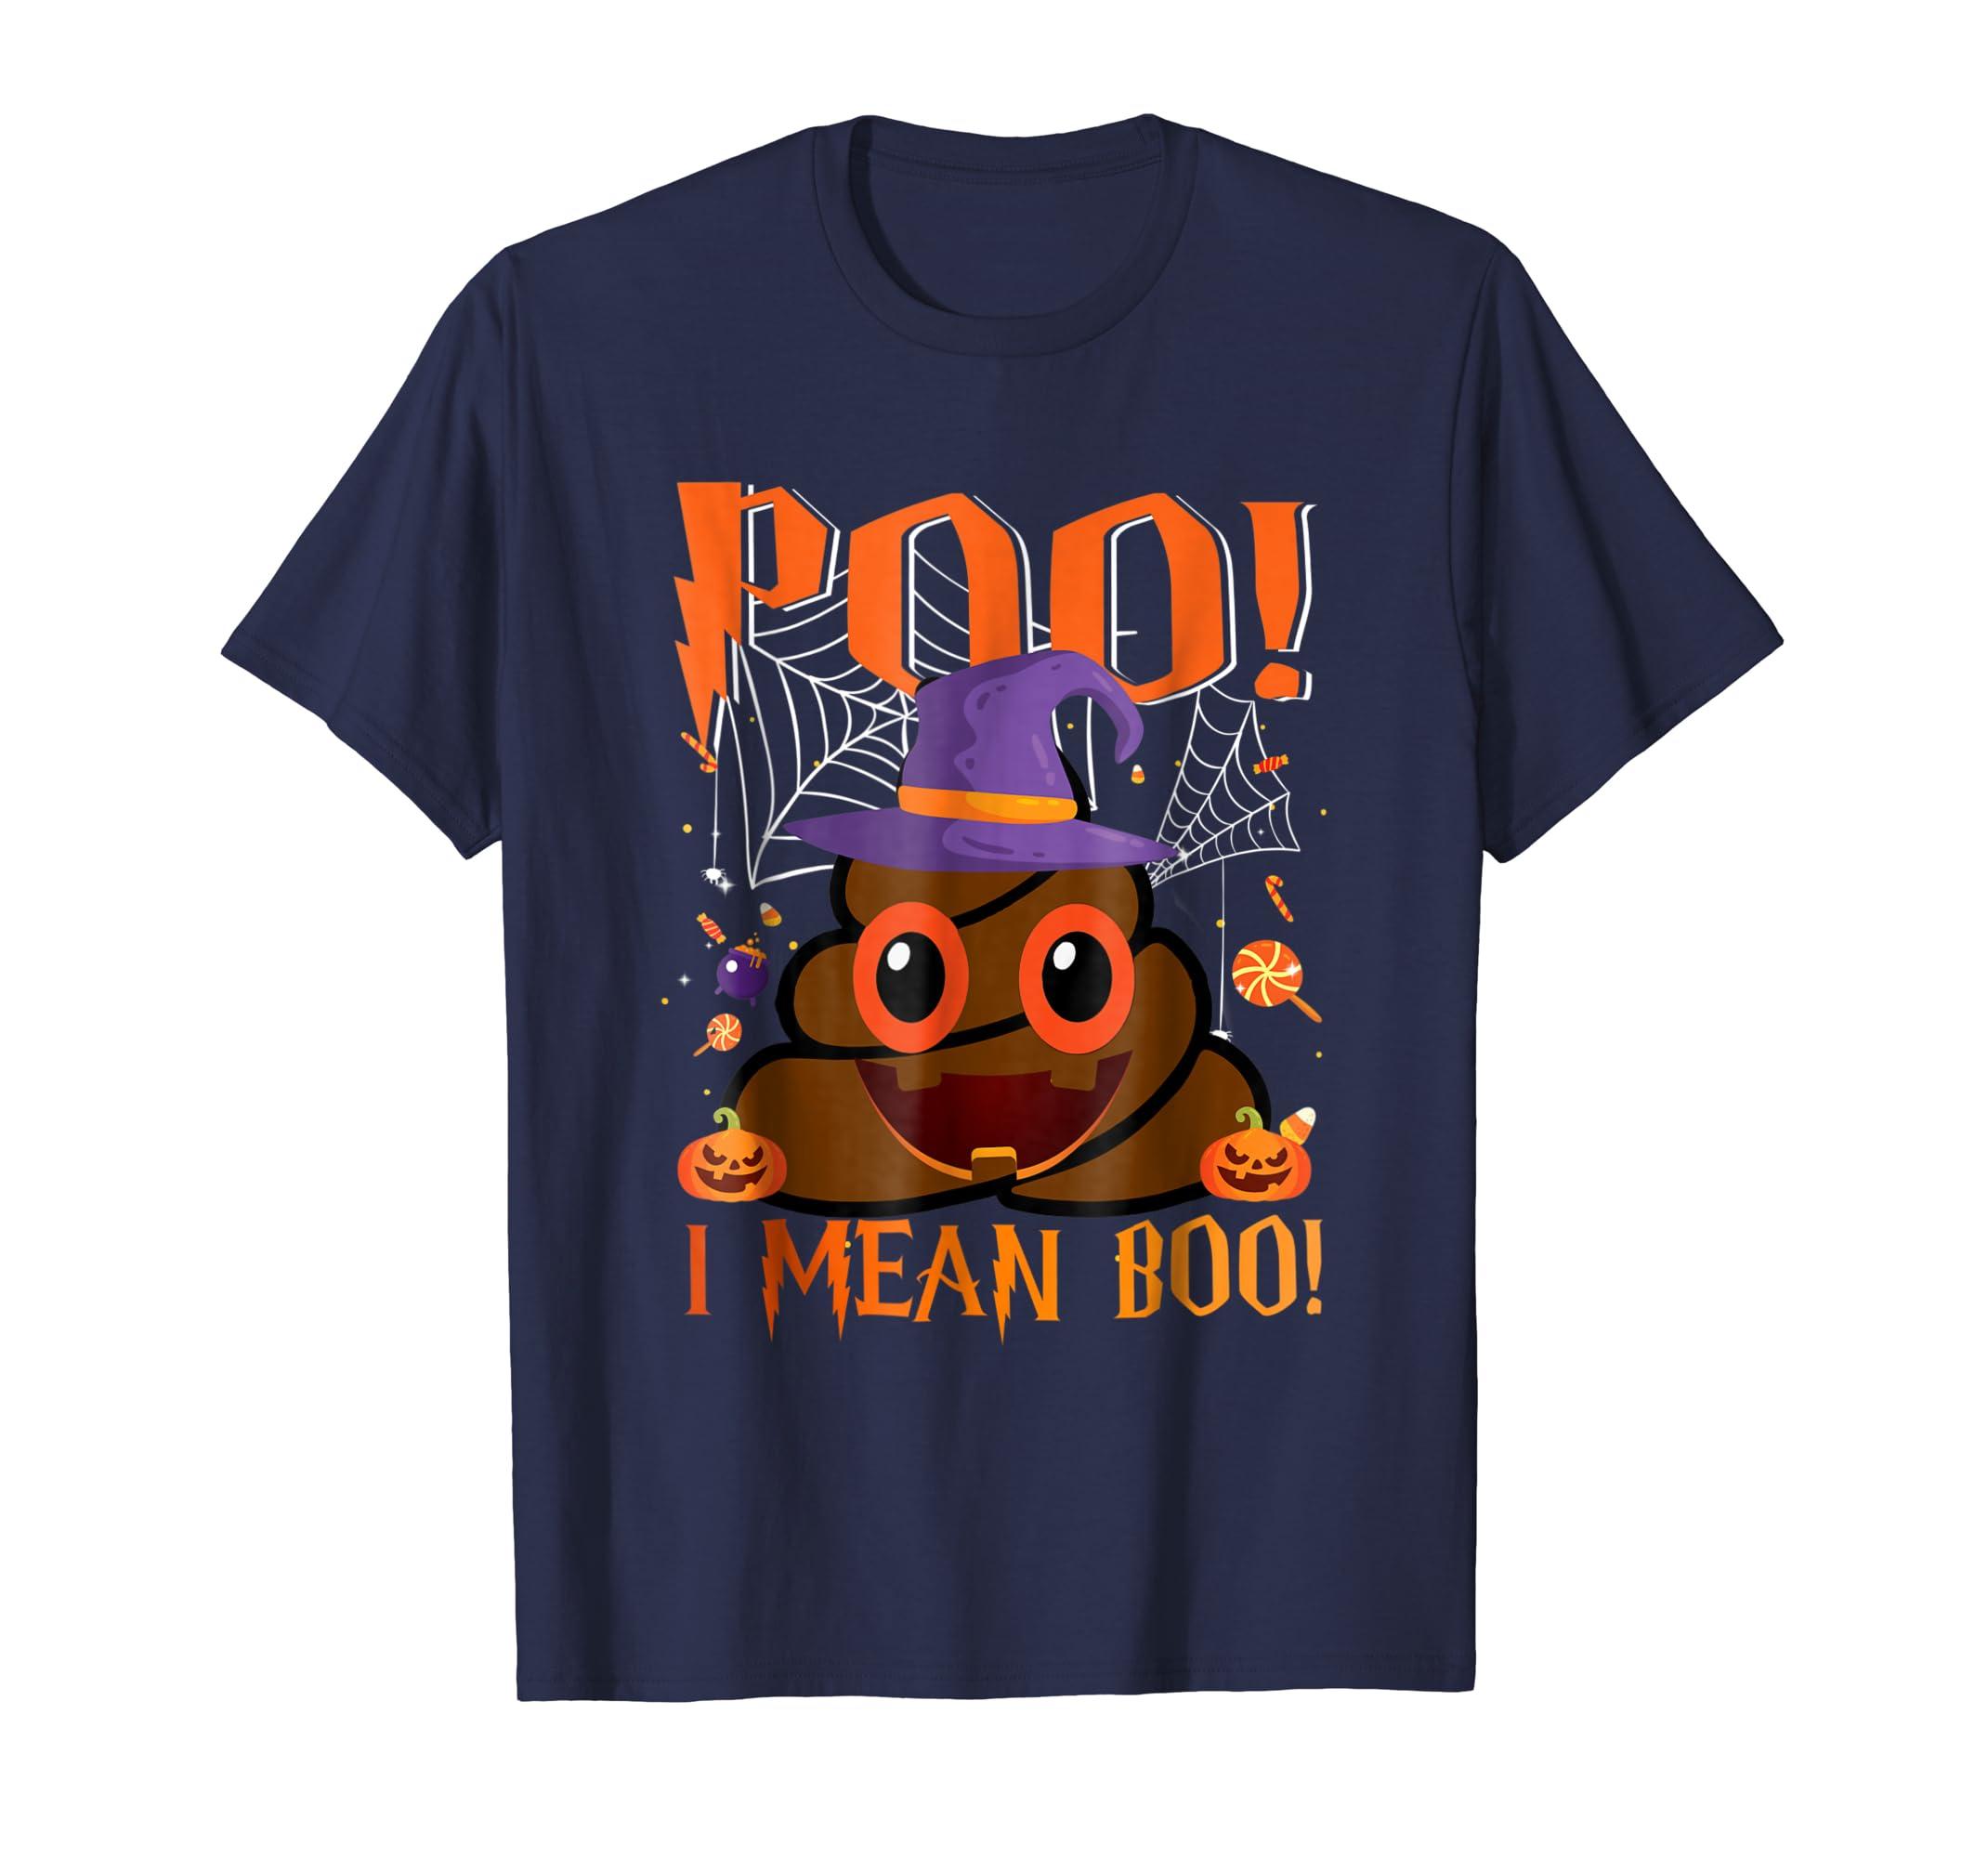 Poo I Mean Boo Funny Poop Emoji Halloween Costume Gift Shirt-Bawle